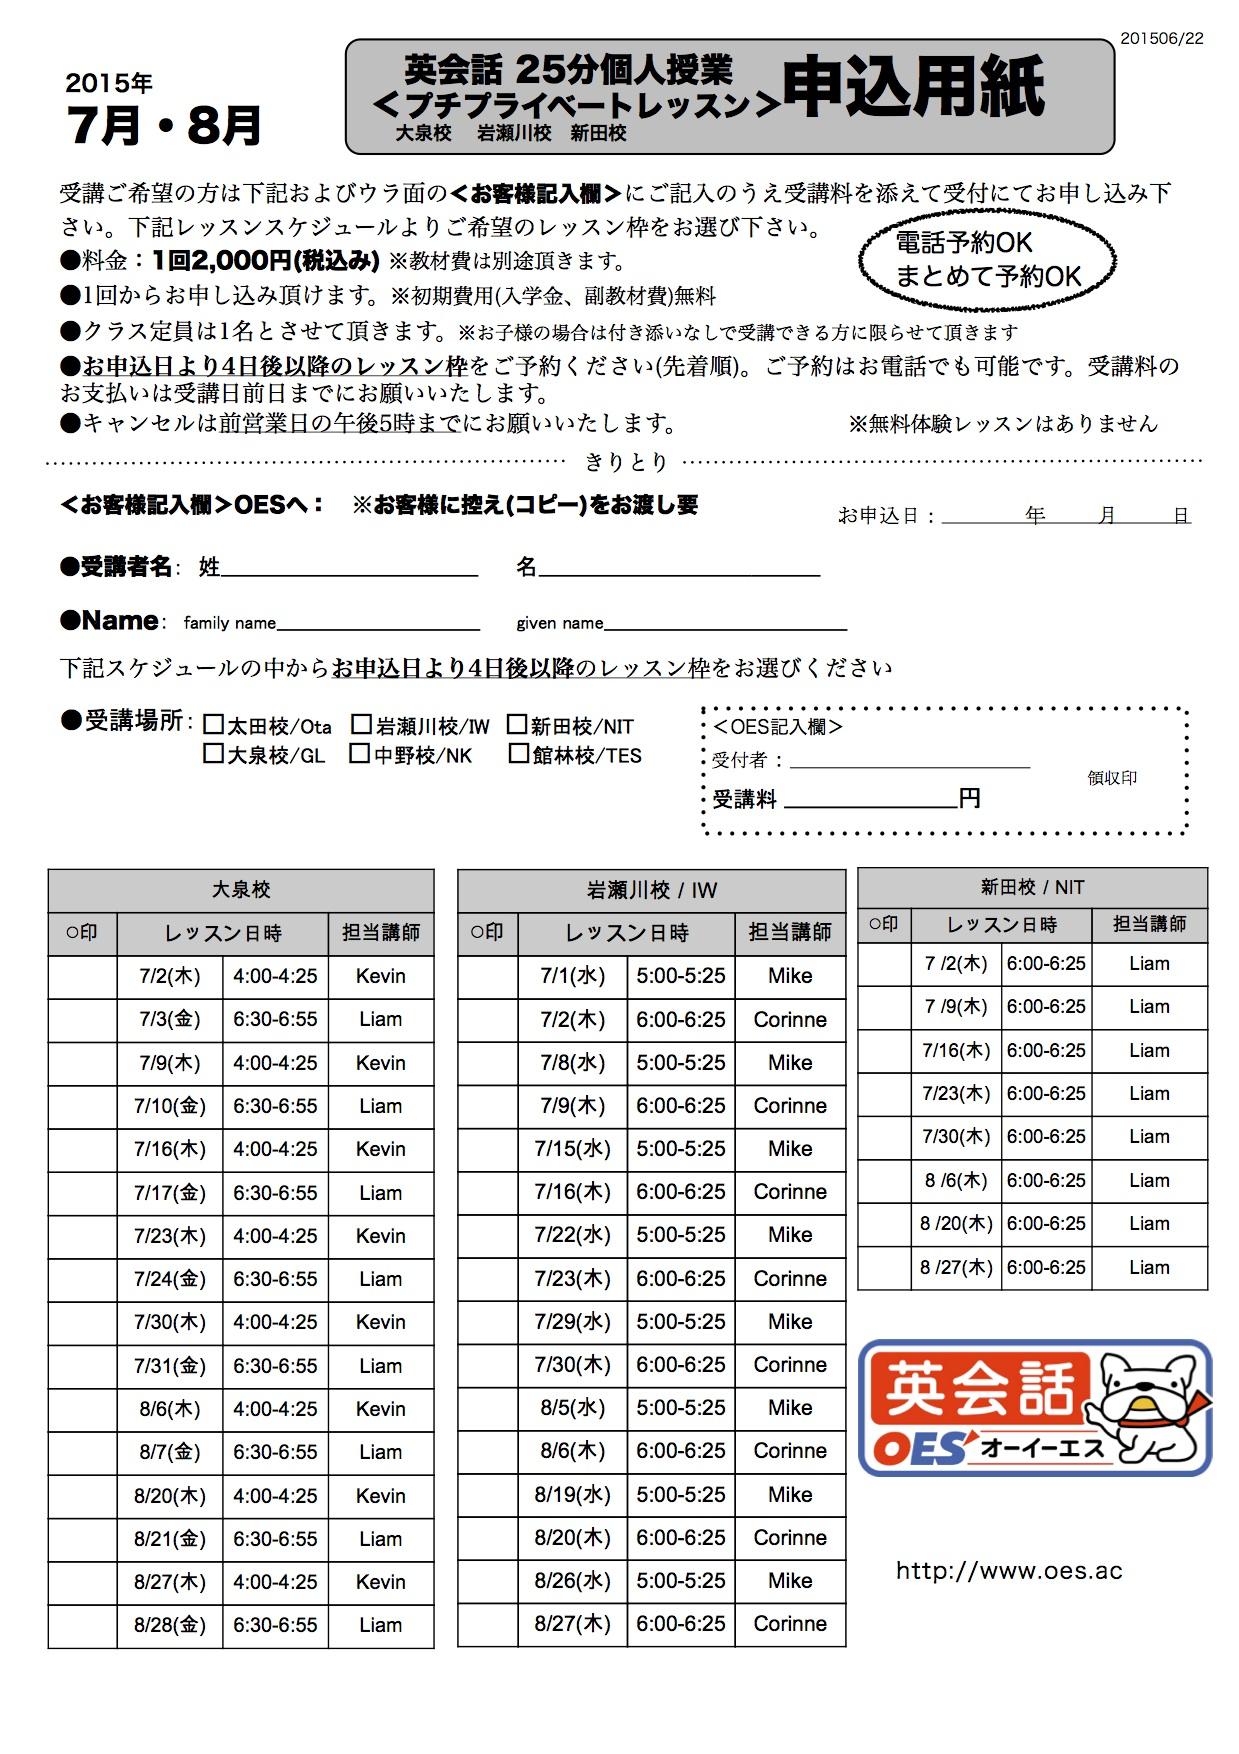 7月8月岩瀬川校-新田校/大泉校 プチプライベートレッスン申込用紙